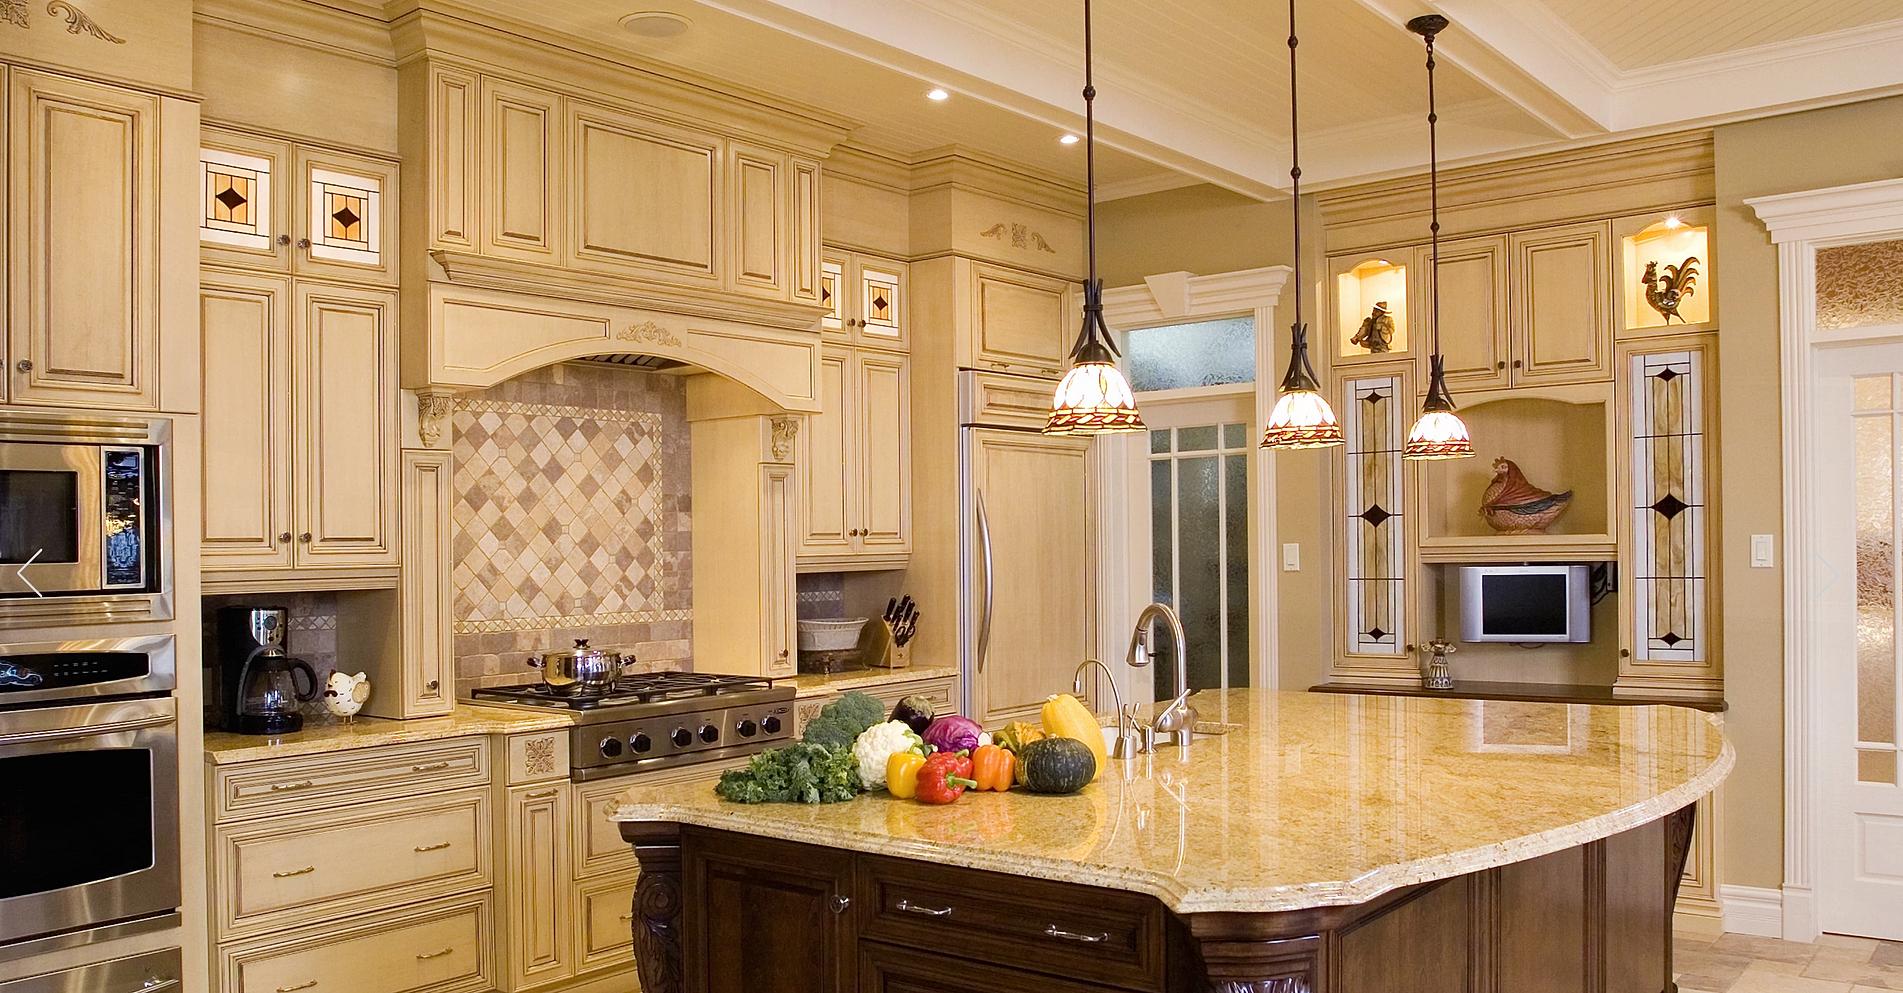 marvelous Kitchen Remodeling Oakland Ca #6: Kitchen remodeling oakland ca